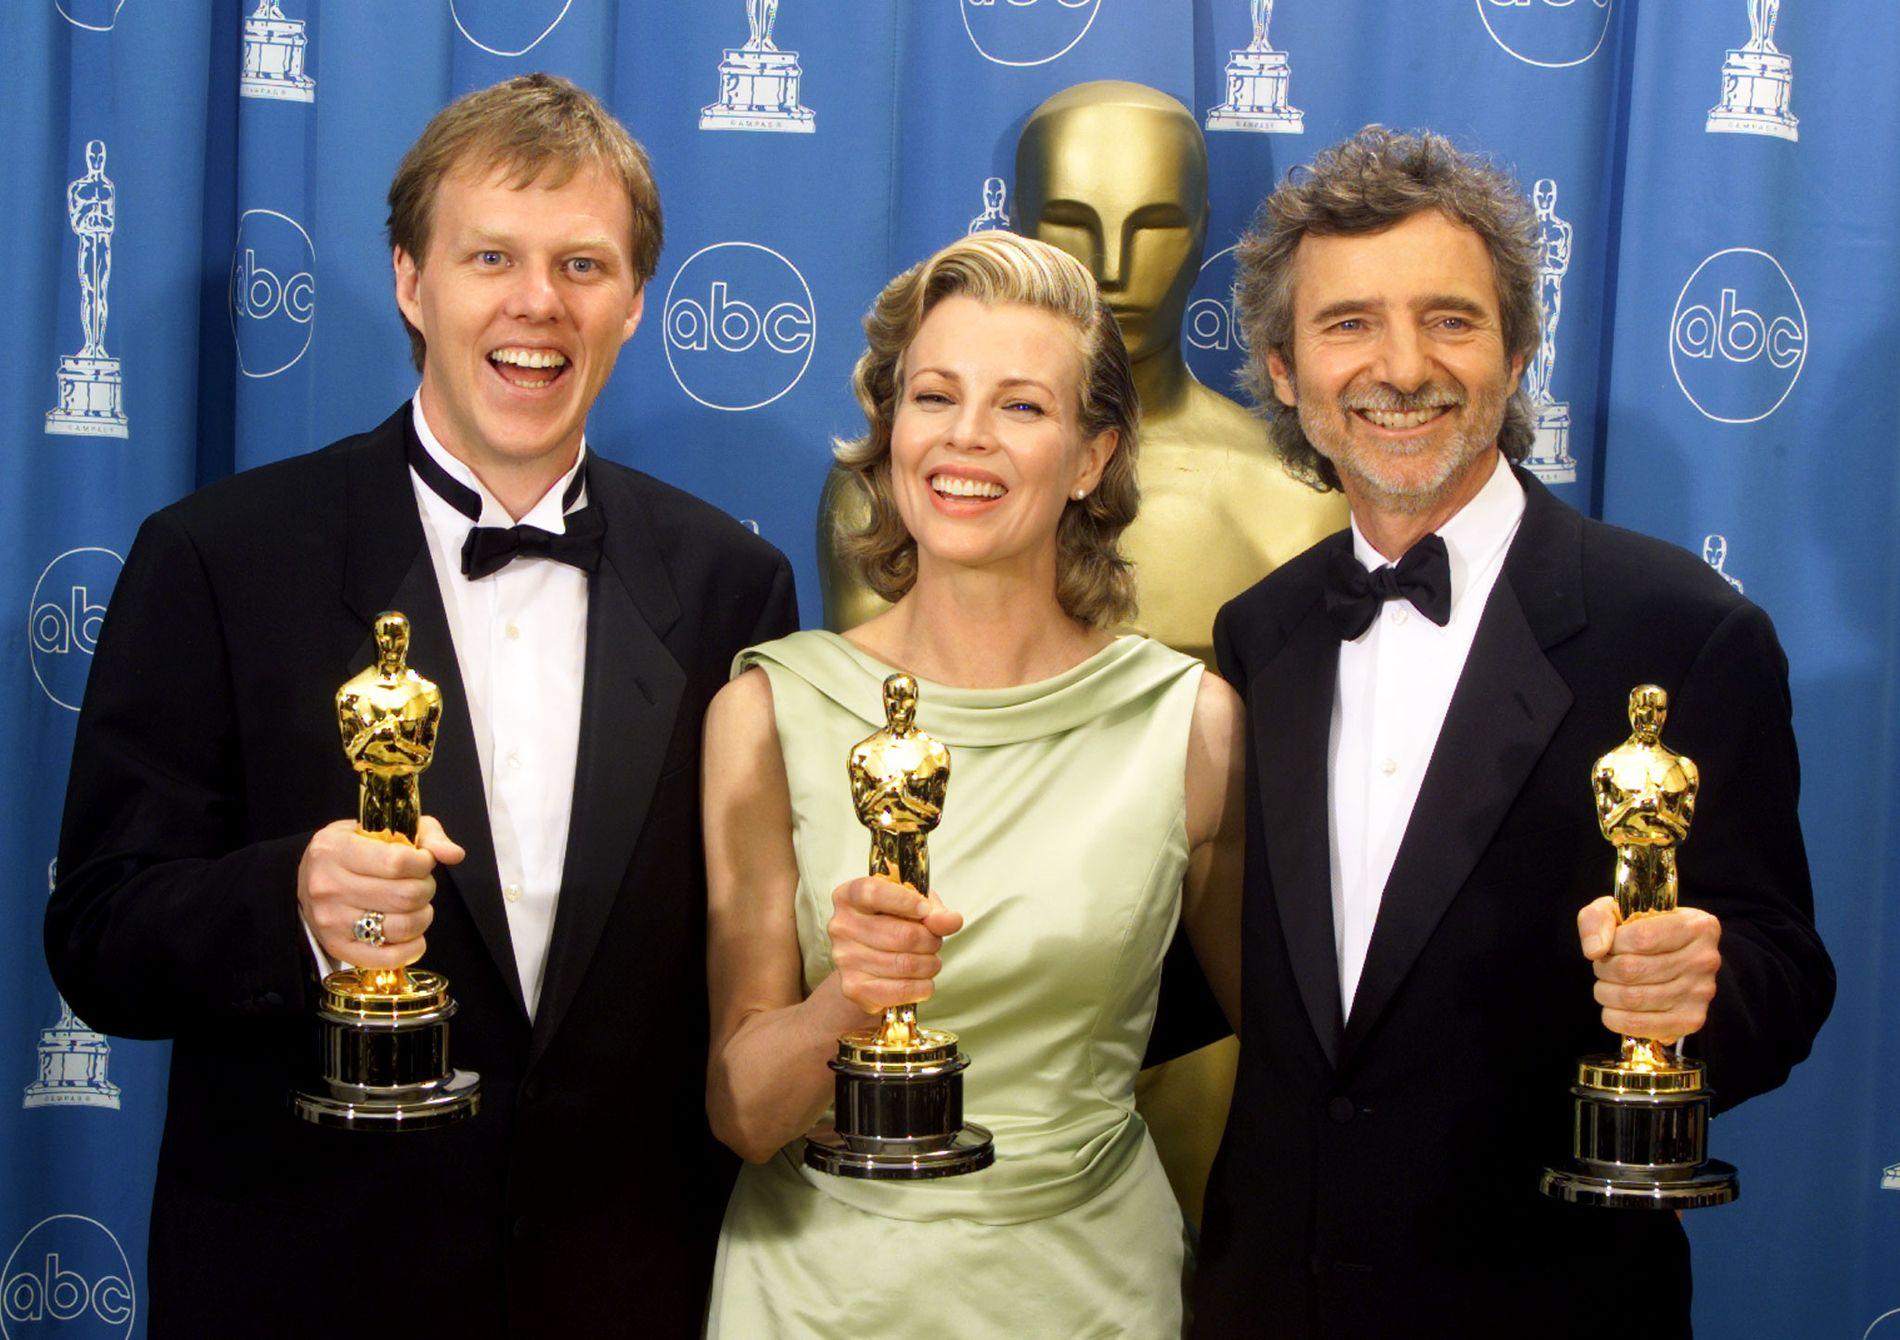 DET STORE ÅRET: Curtis Hanson (til høyre) etter Oscar-utdelingen i 1998 som sikret ham Oscar for beste tilrettelagte manus, og Kim Basinger (i midten) Oscar for beste birolle. Til venstre medmanusforfatter Brian Helgeland.